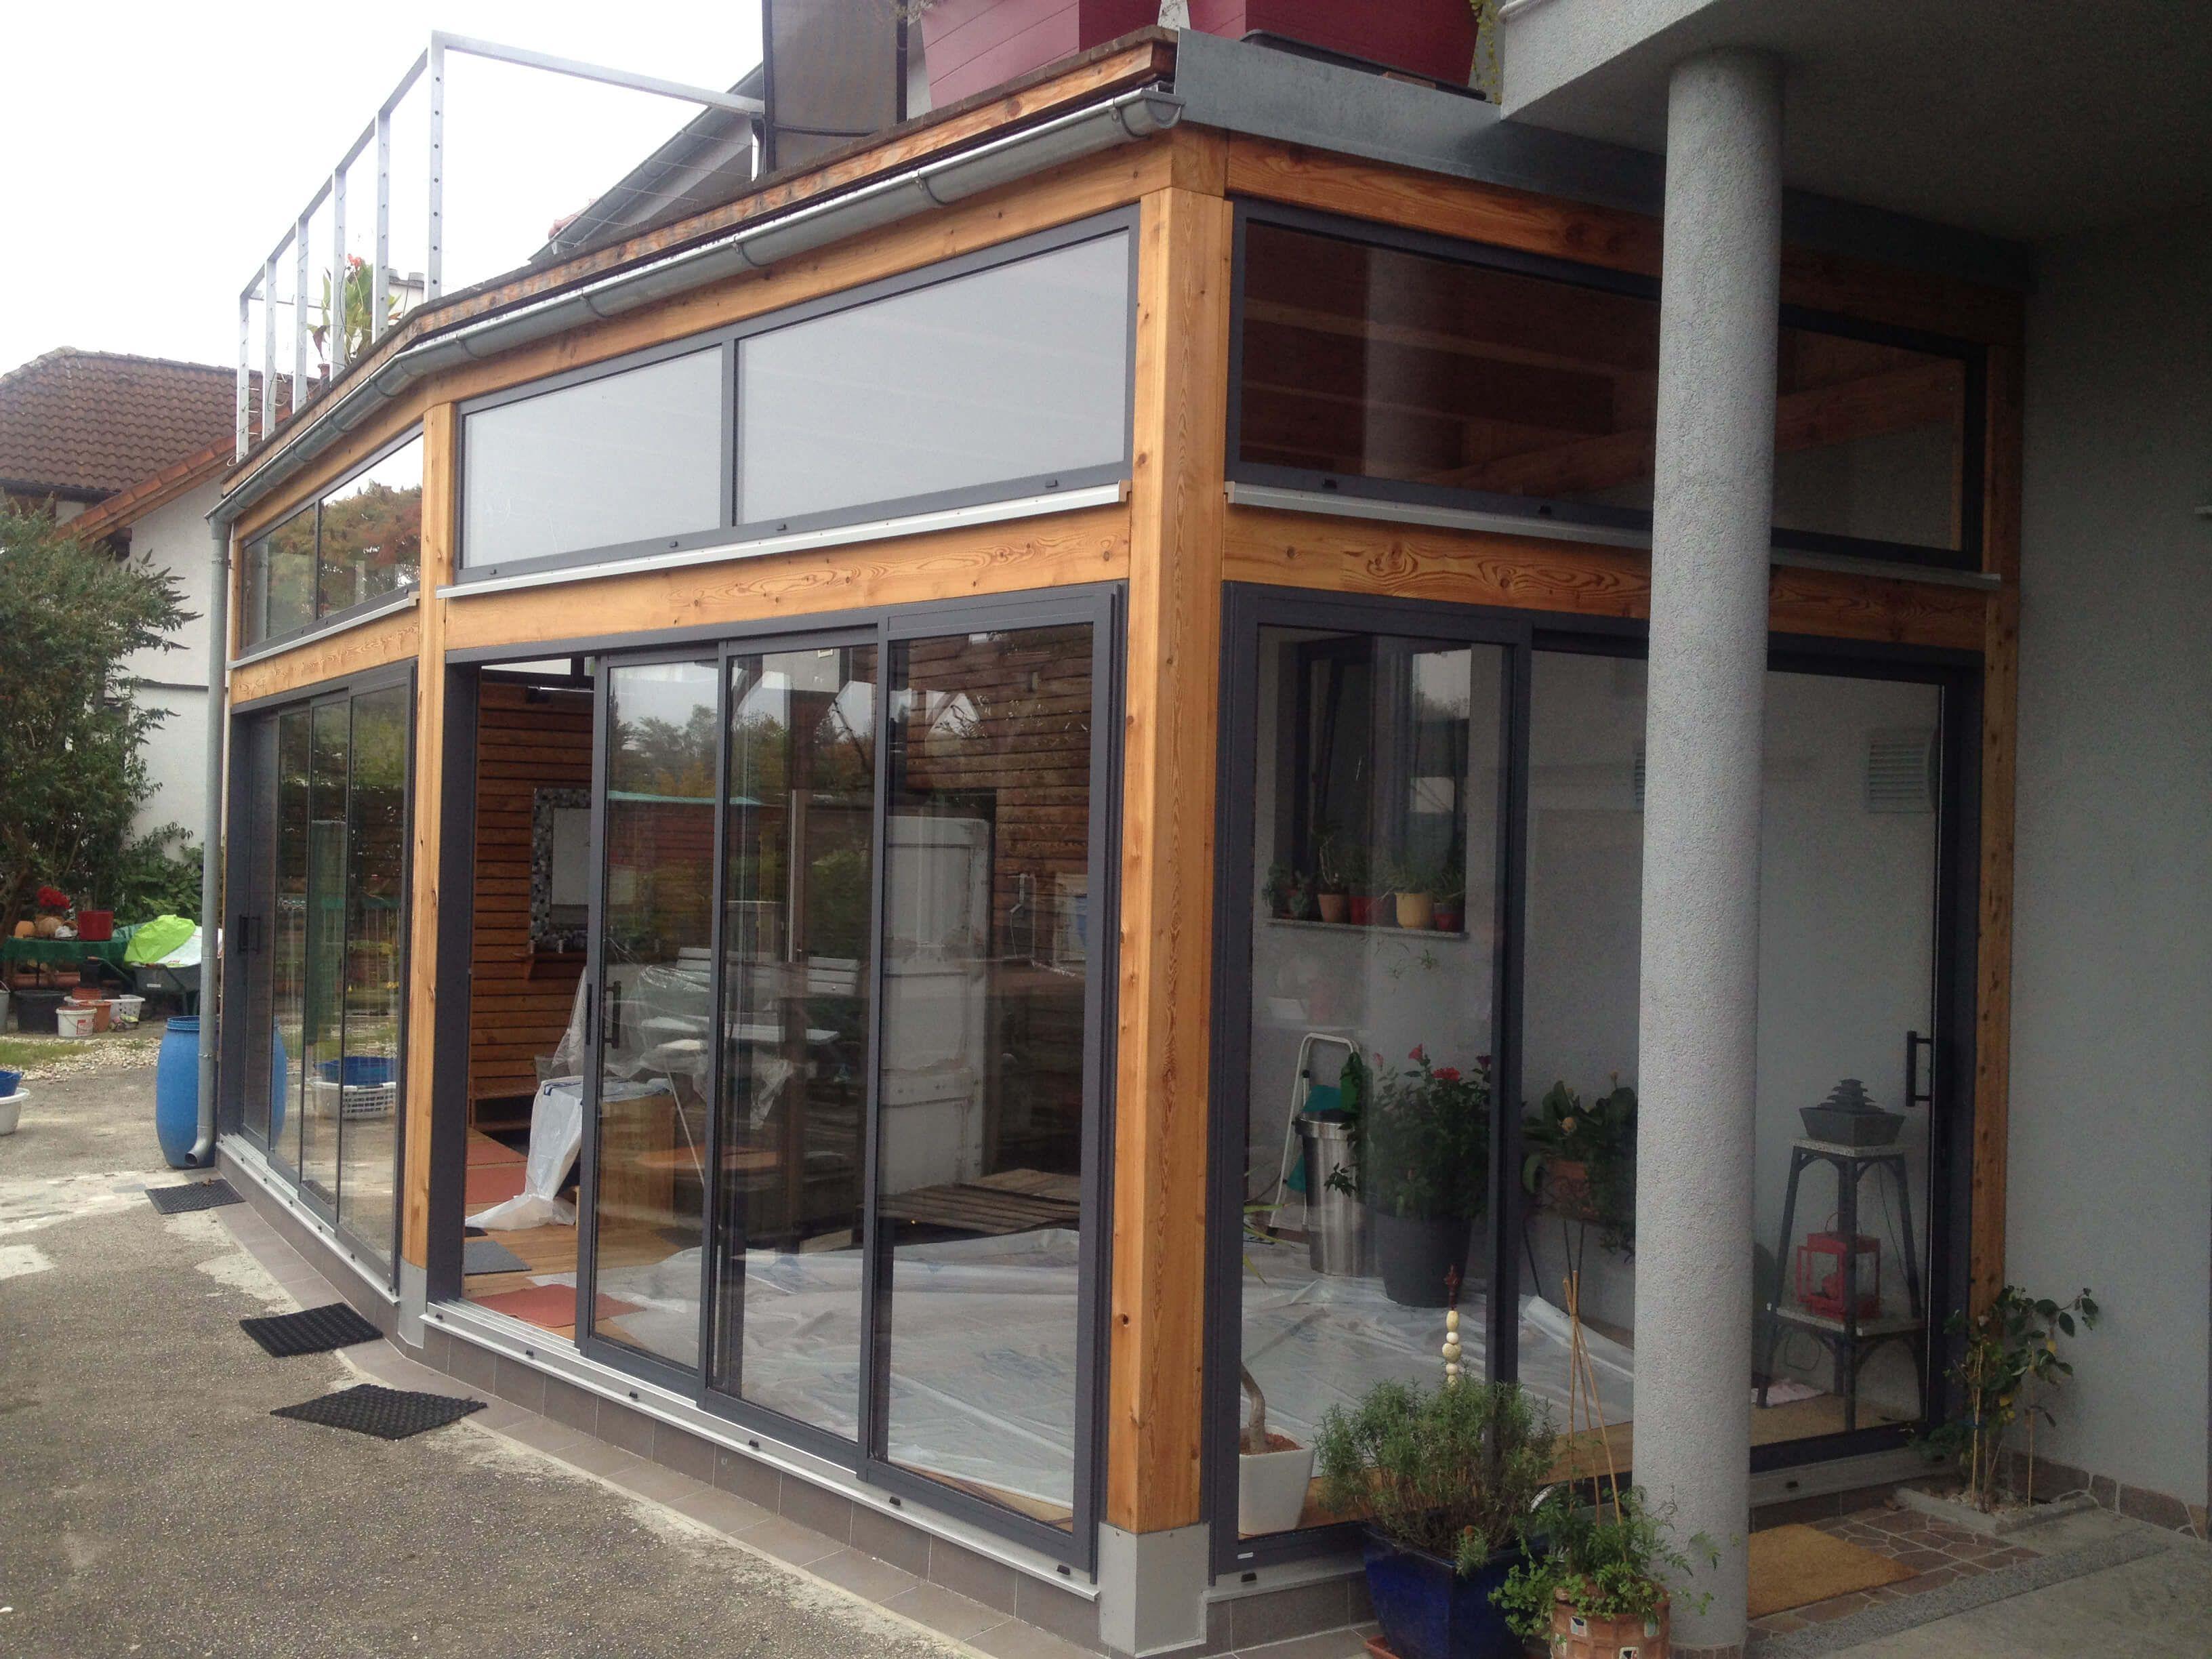 anbau mit schiebefenster in holzkonstruktion hausfasade pinterest schiebefenster. Black Bedroom Furniture Sets. Home Design Ideas